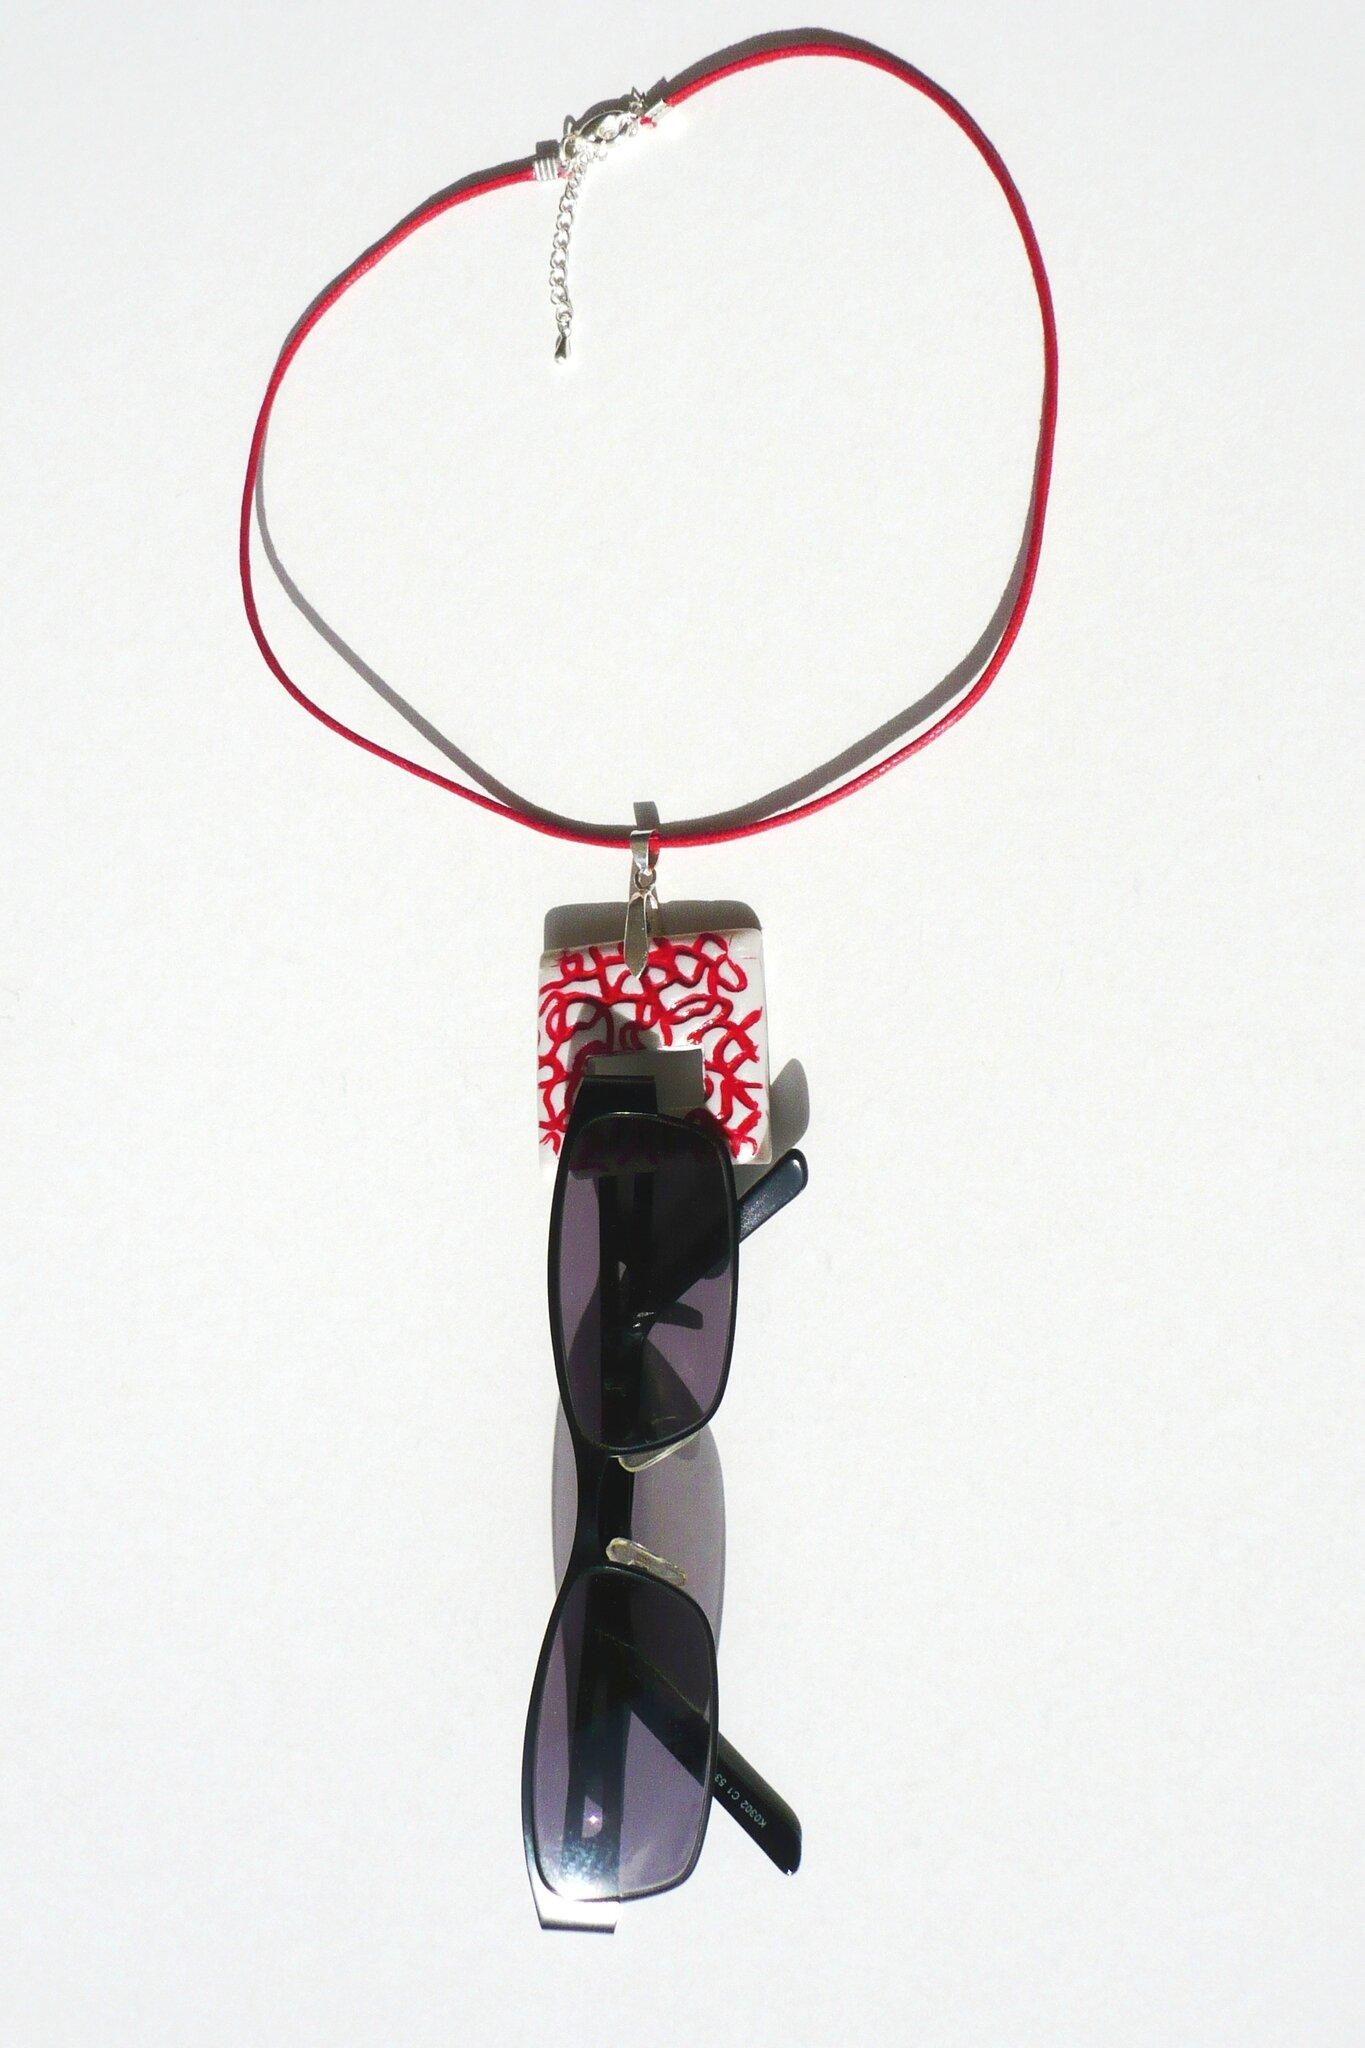 Porte lunettes fimo carré lignes rouges fond blanc lunettes